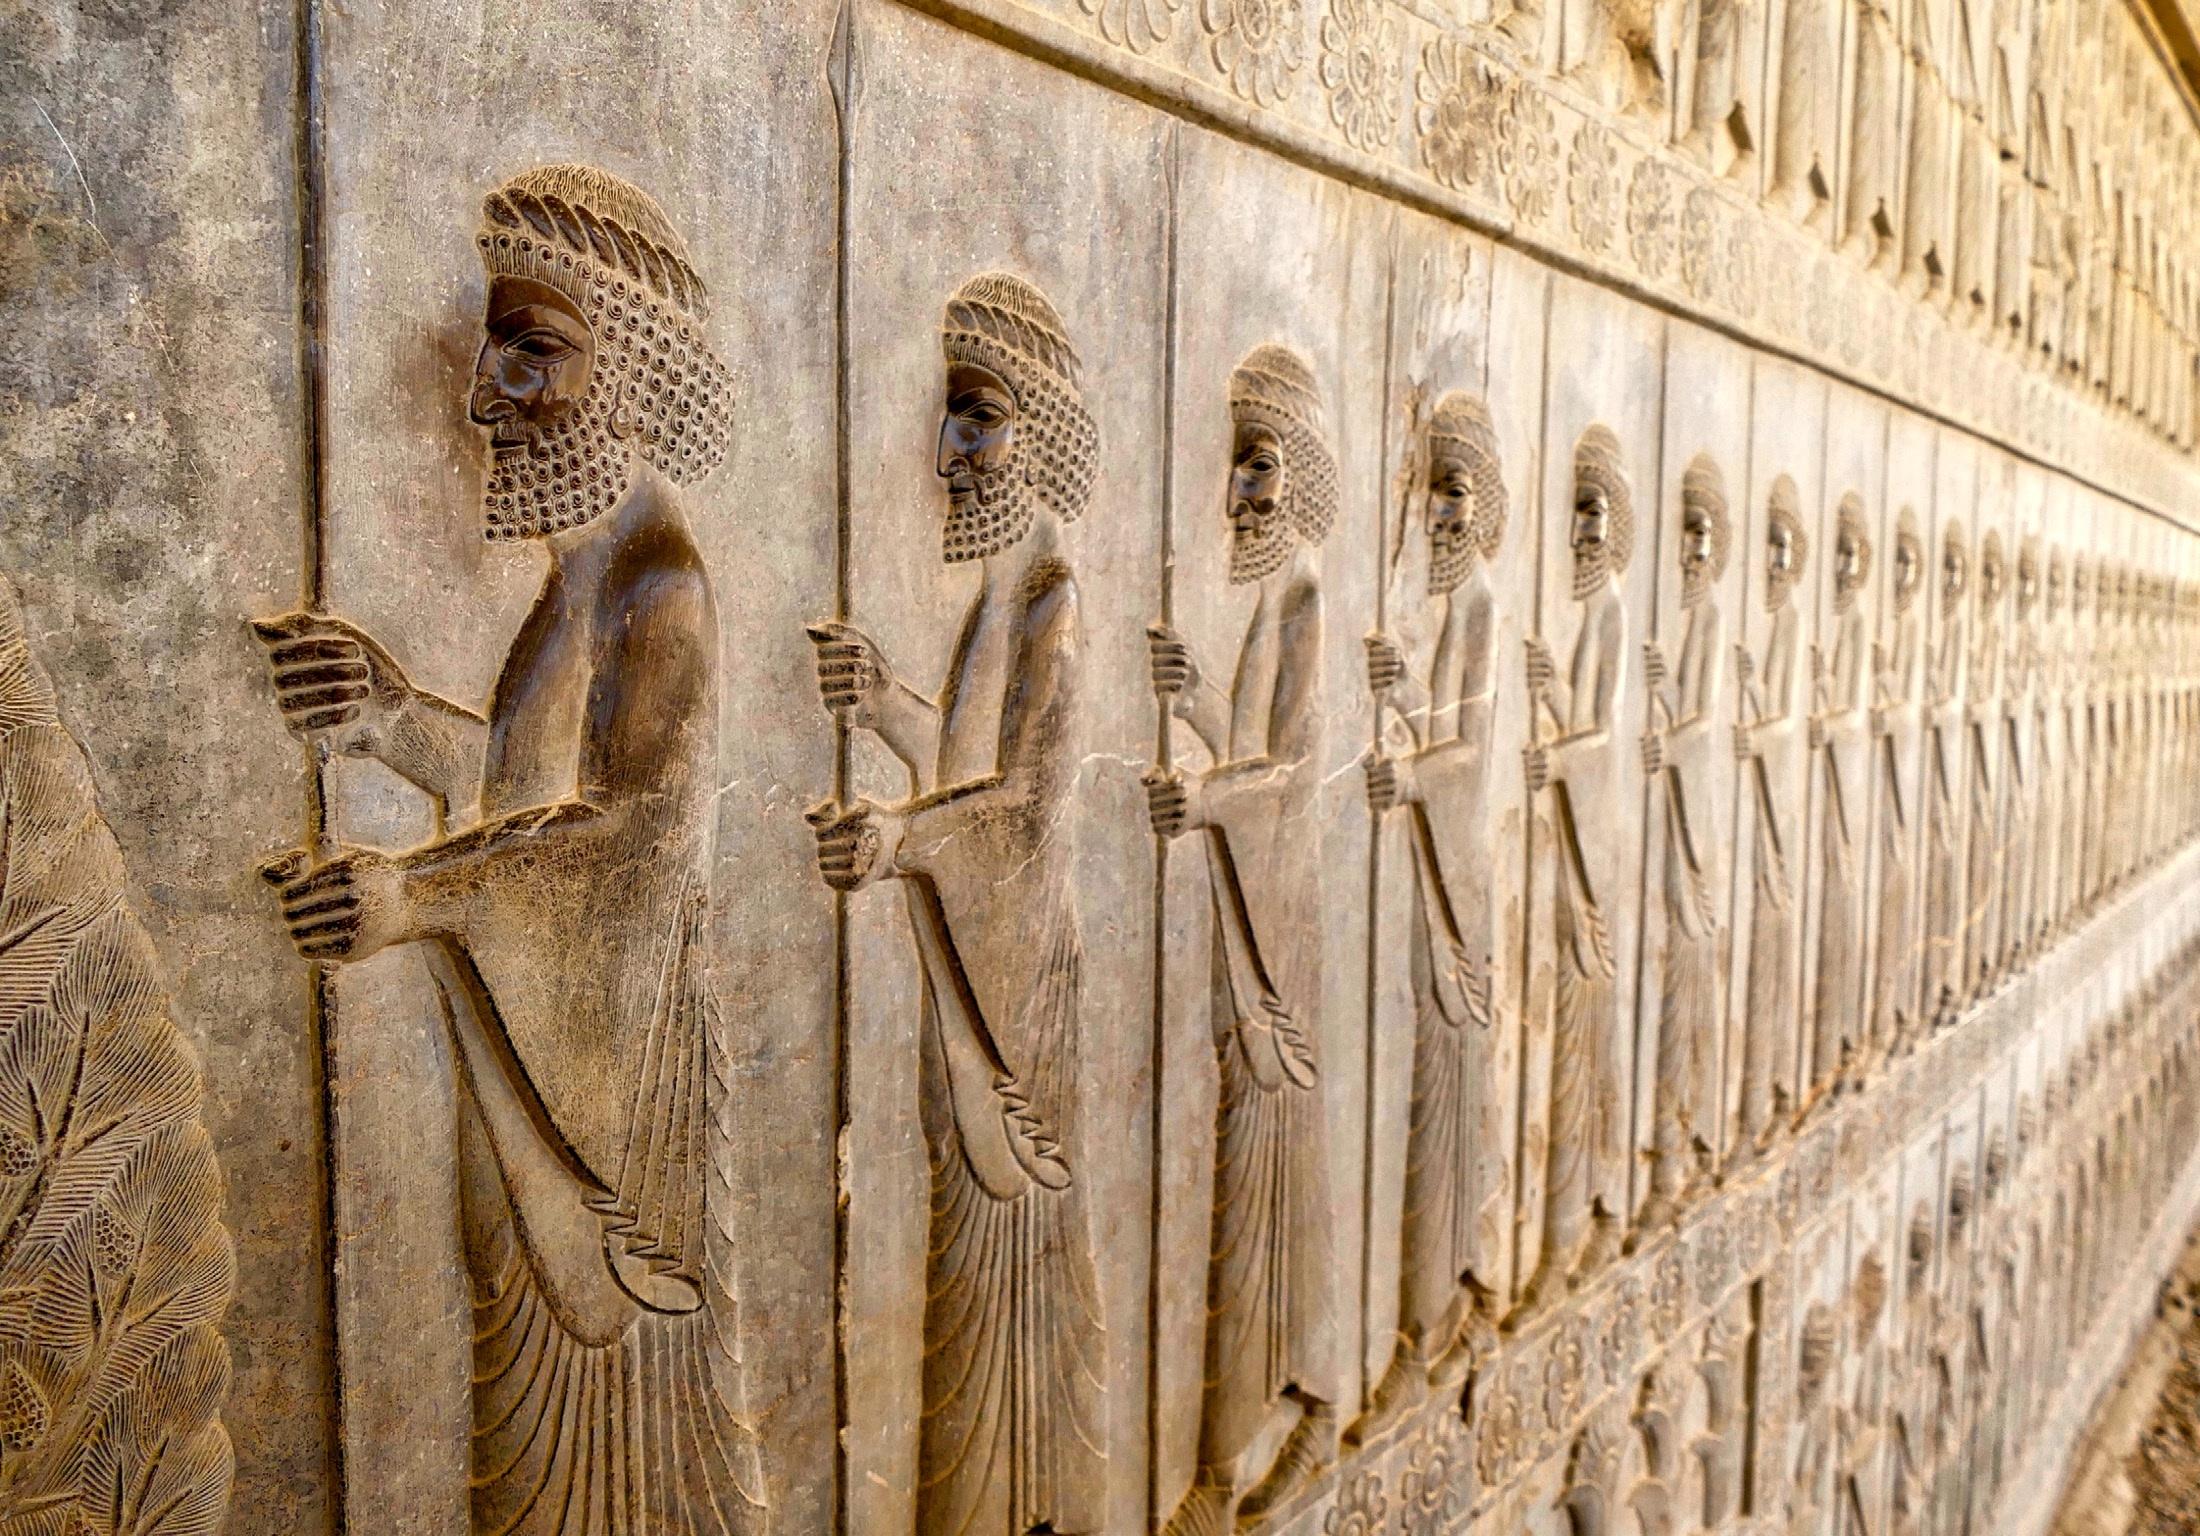 無料画像 木材 壁 カラム アート 寺院 救済 石の彫刻 古代の歴史 草家